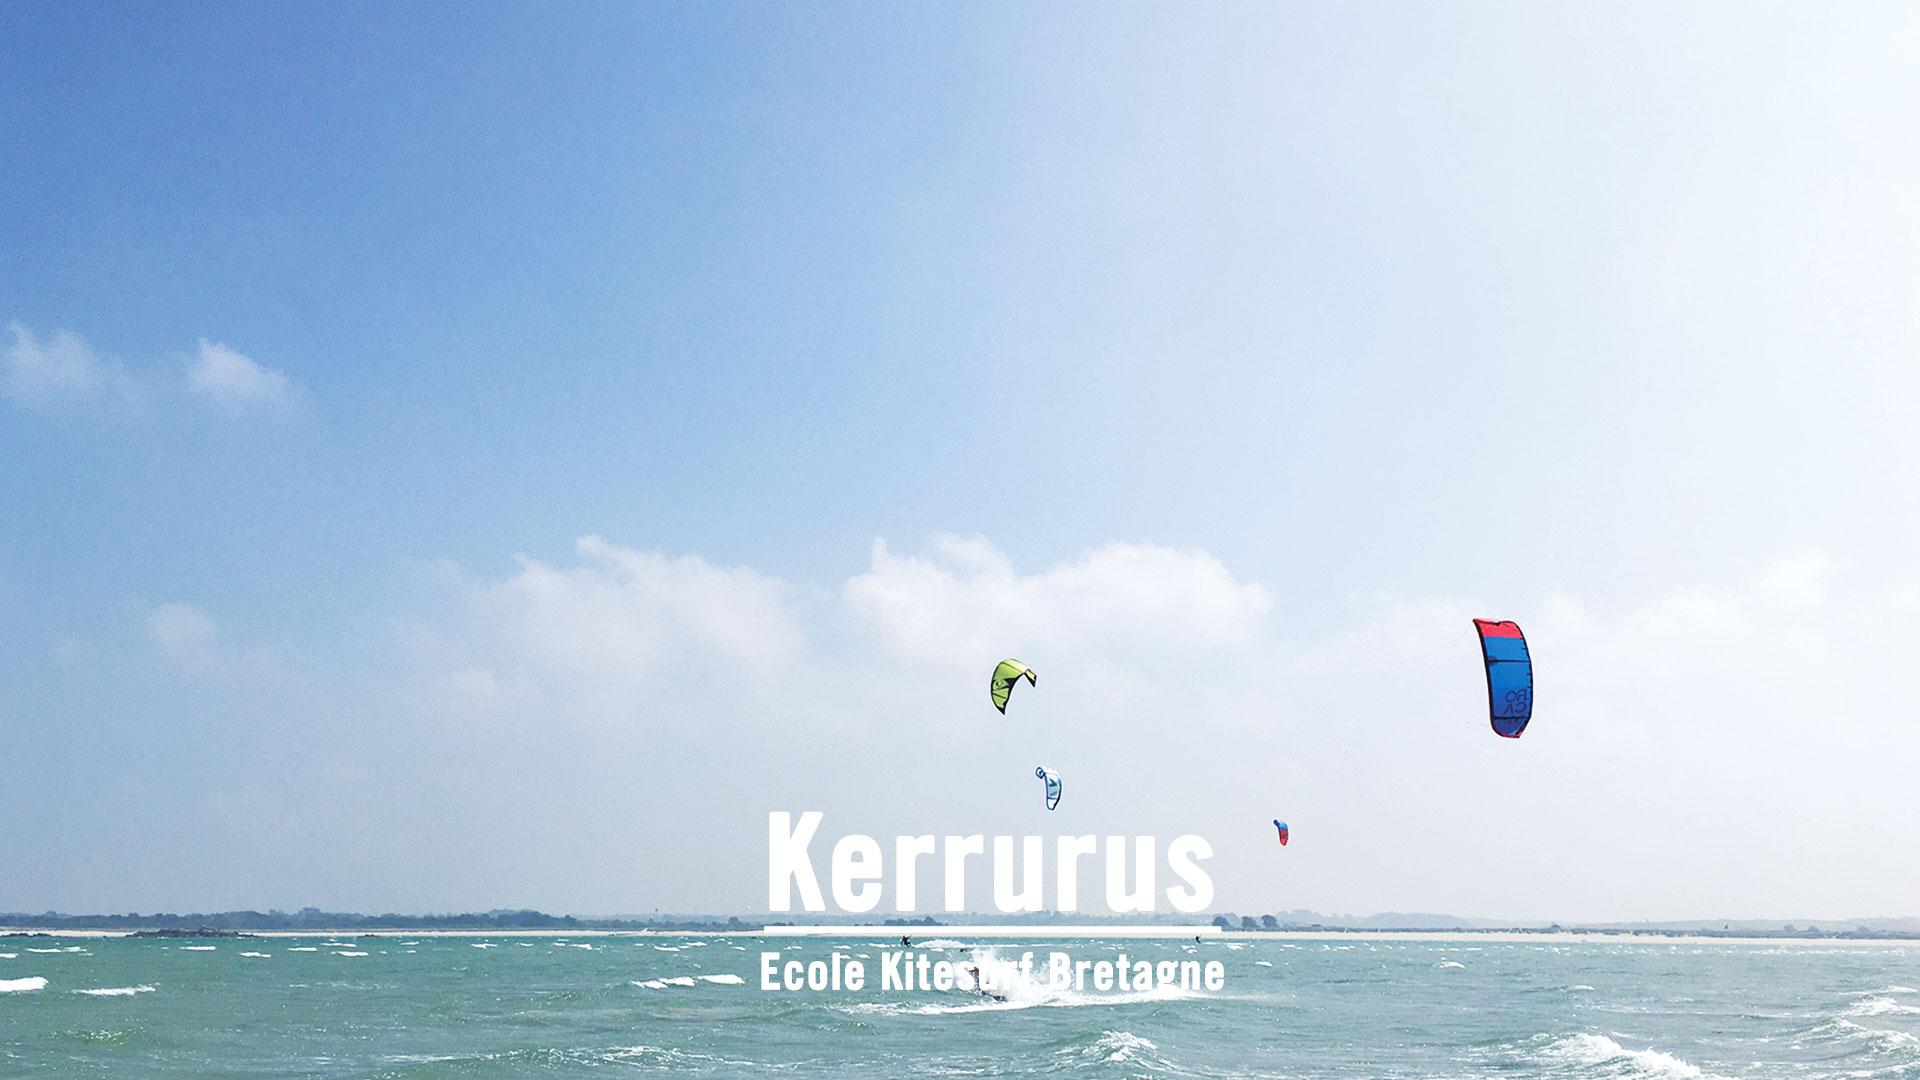 Kerrurus